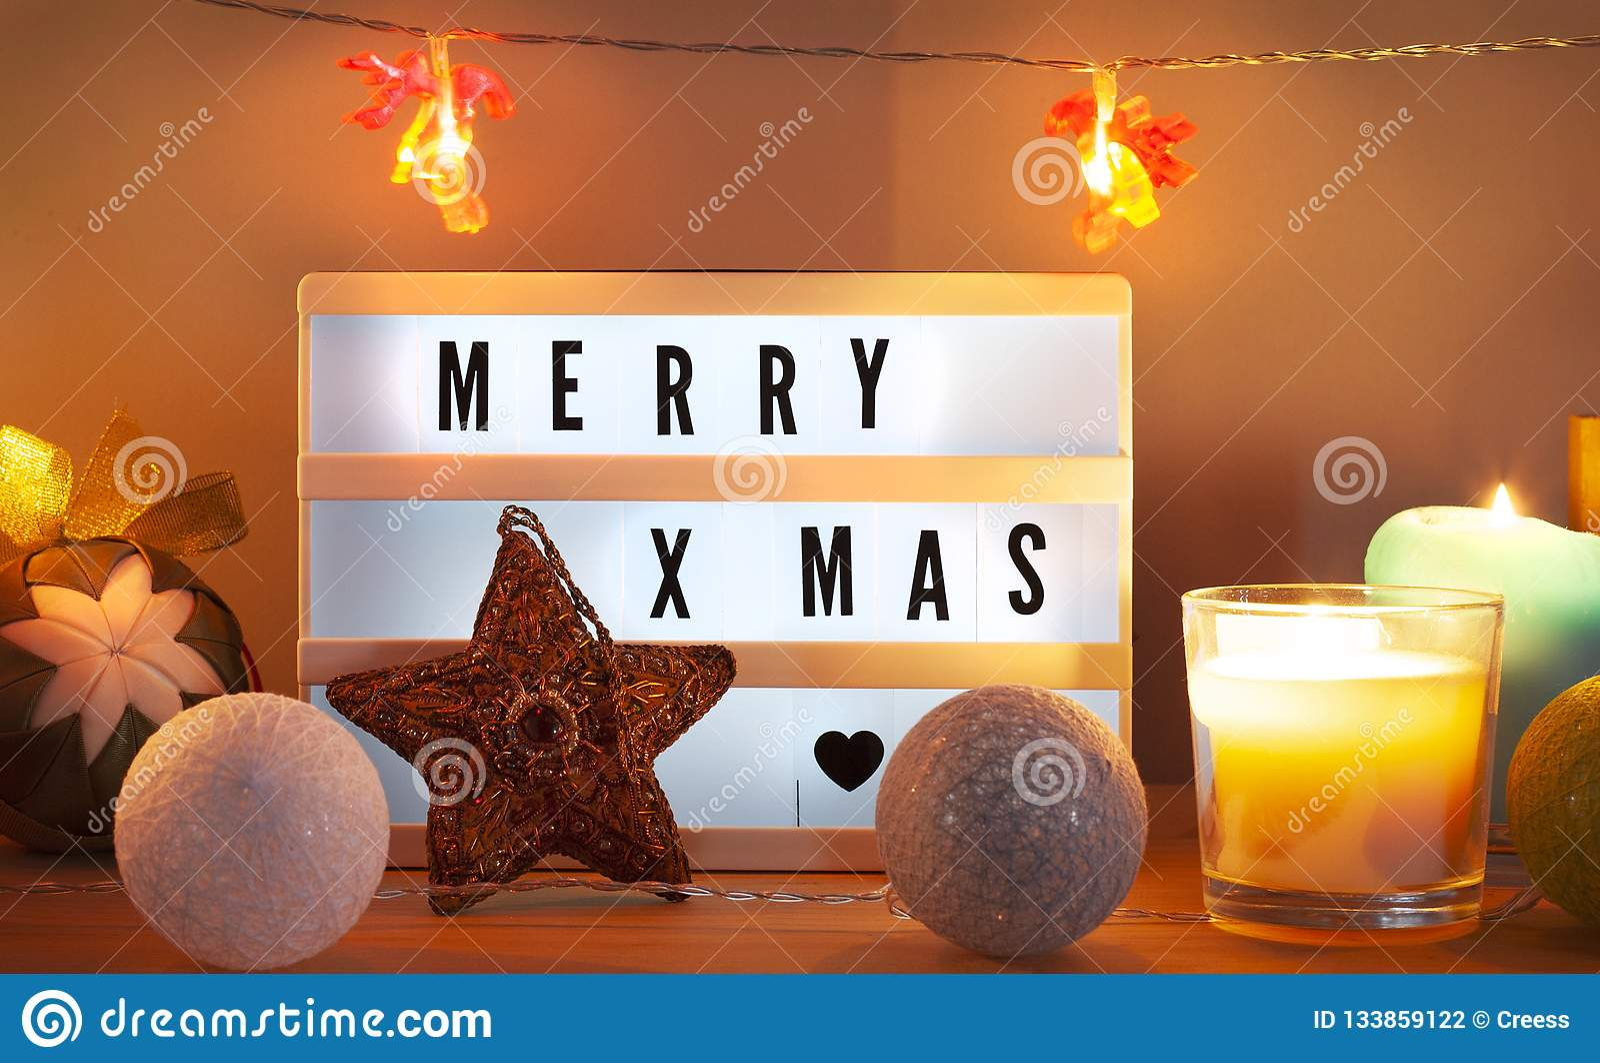 Fröhliches Weihnachten-lightbox und Weihnachtsdekorationen mit Stern